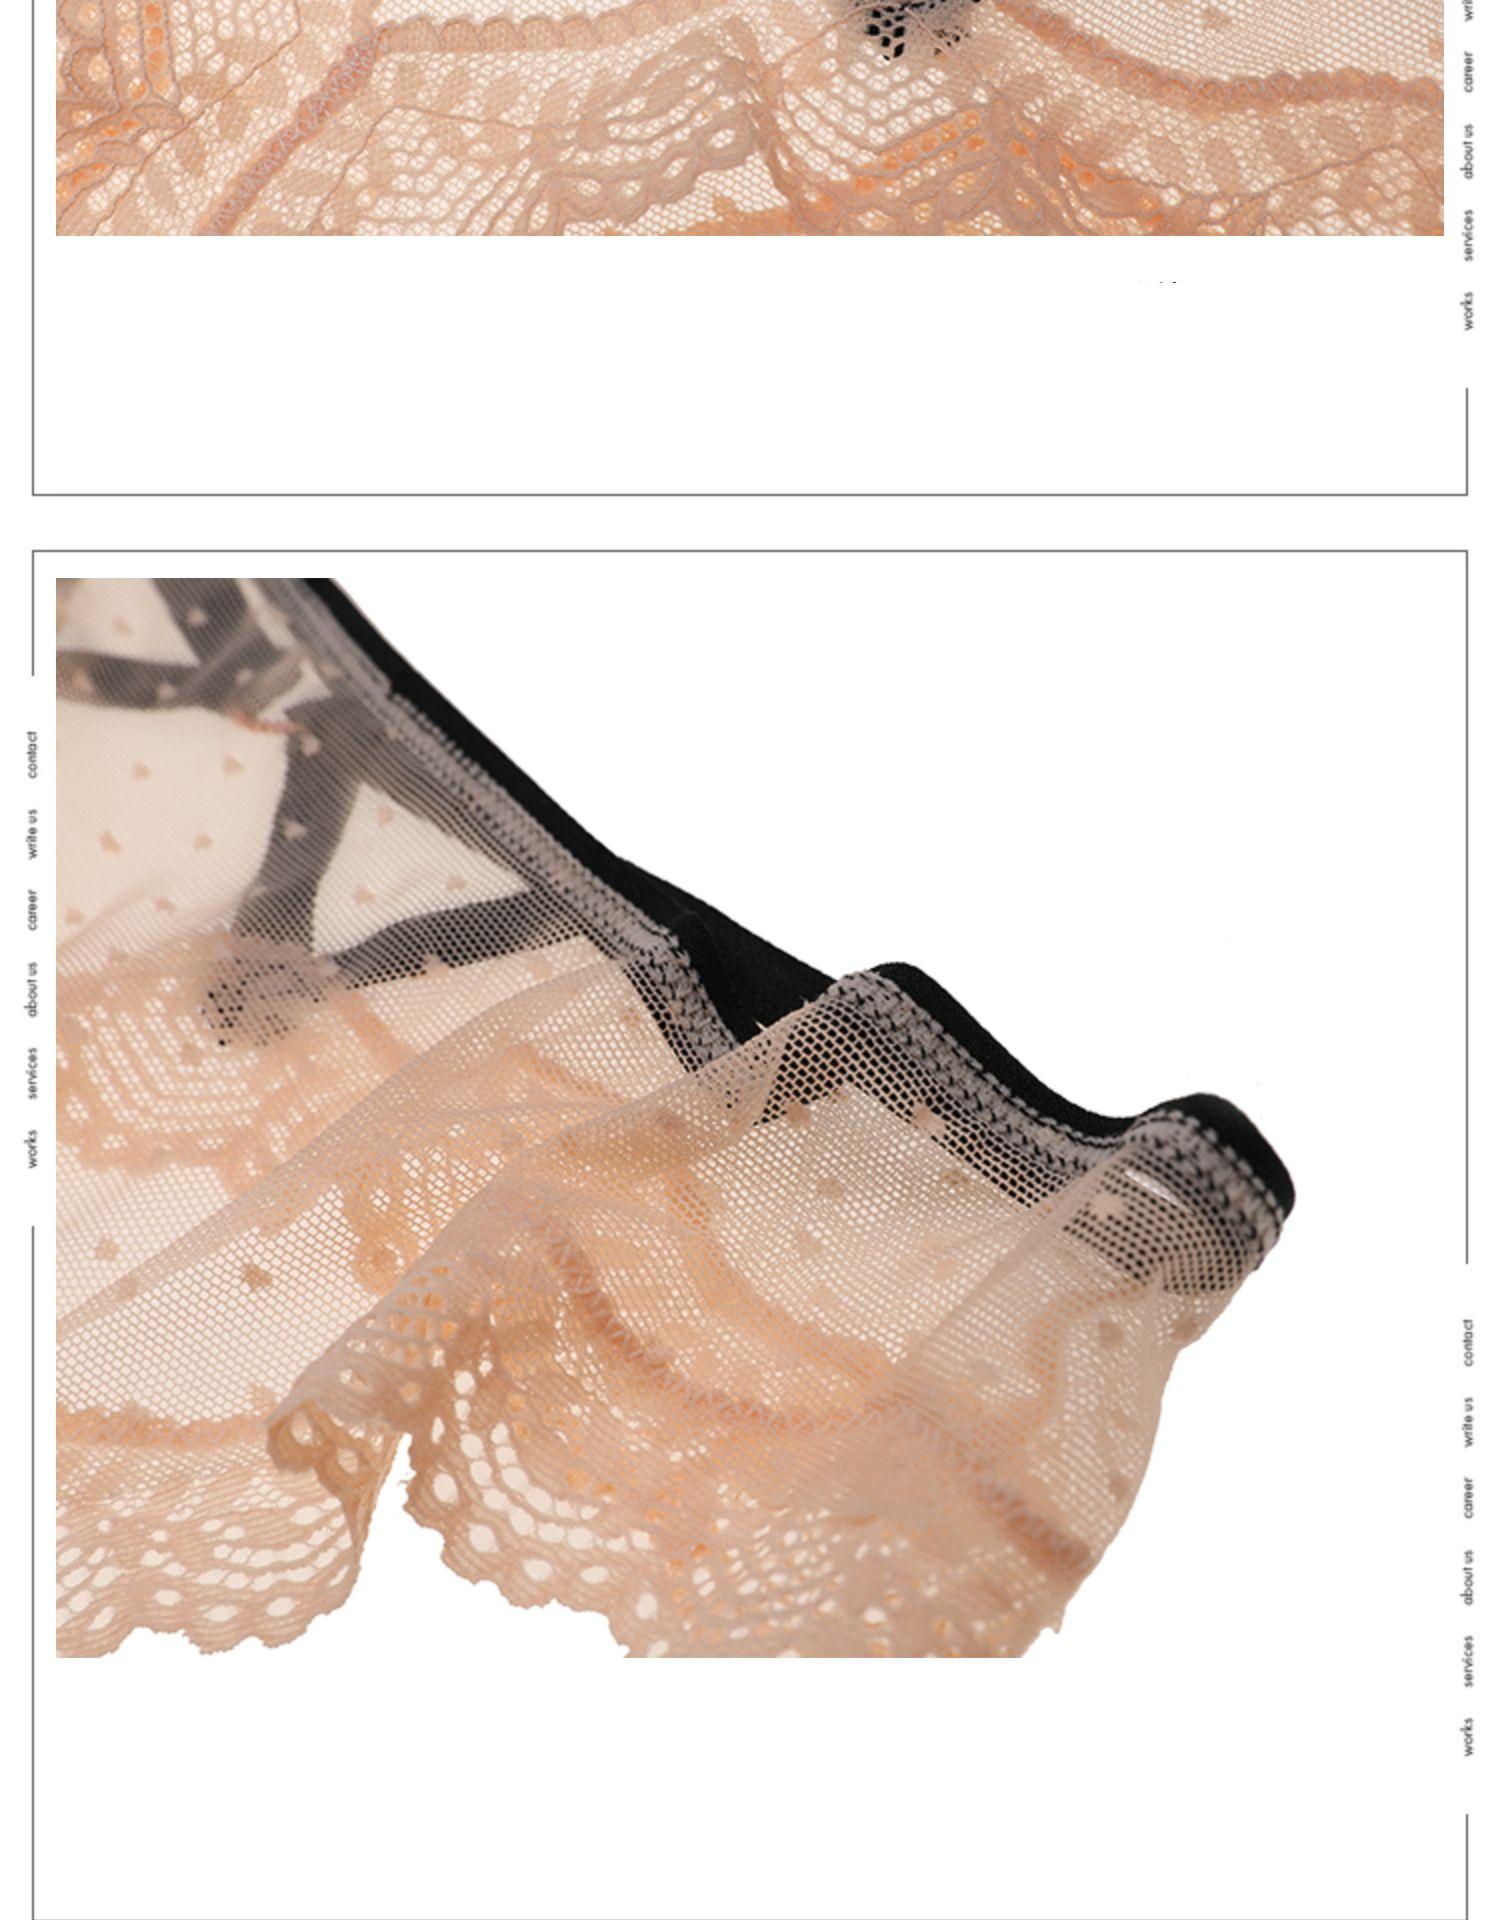 SP & CITY romantyczna seksowna koronkowa bielizna damska Hollow Out figi seks String przezroczyste stringi bezszwowe figi bielizna damska